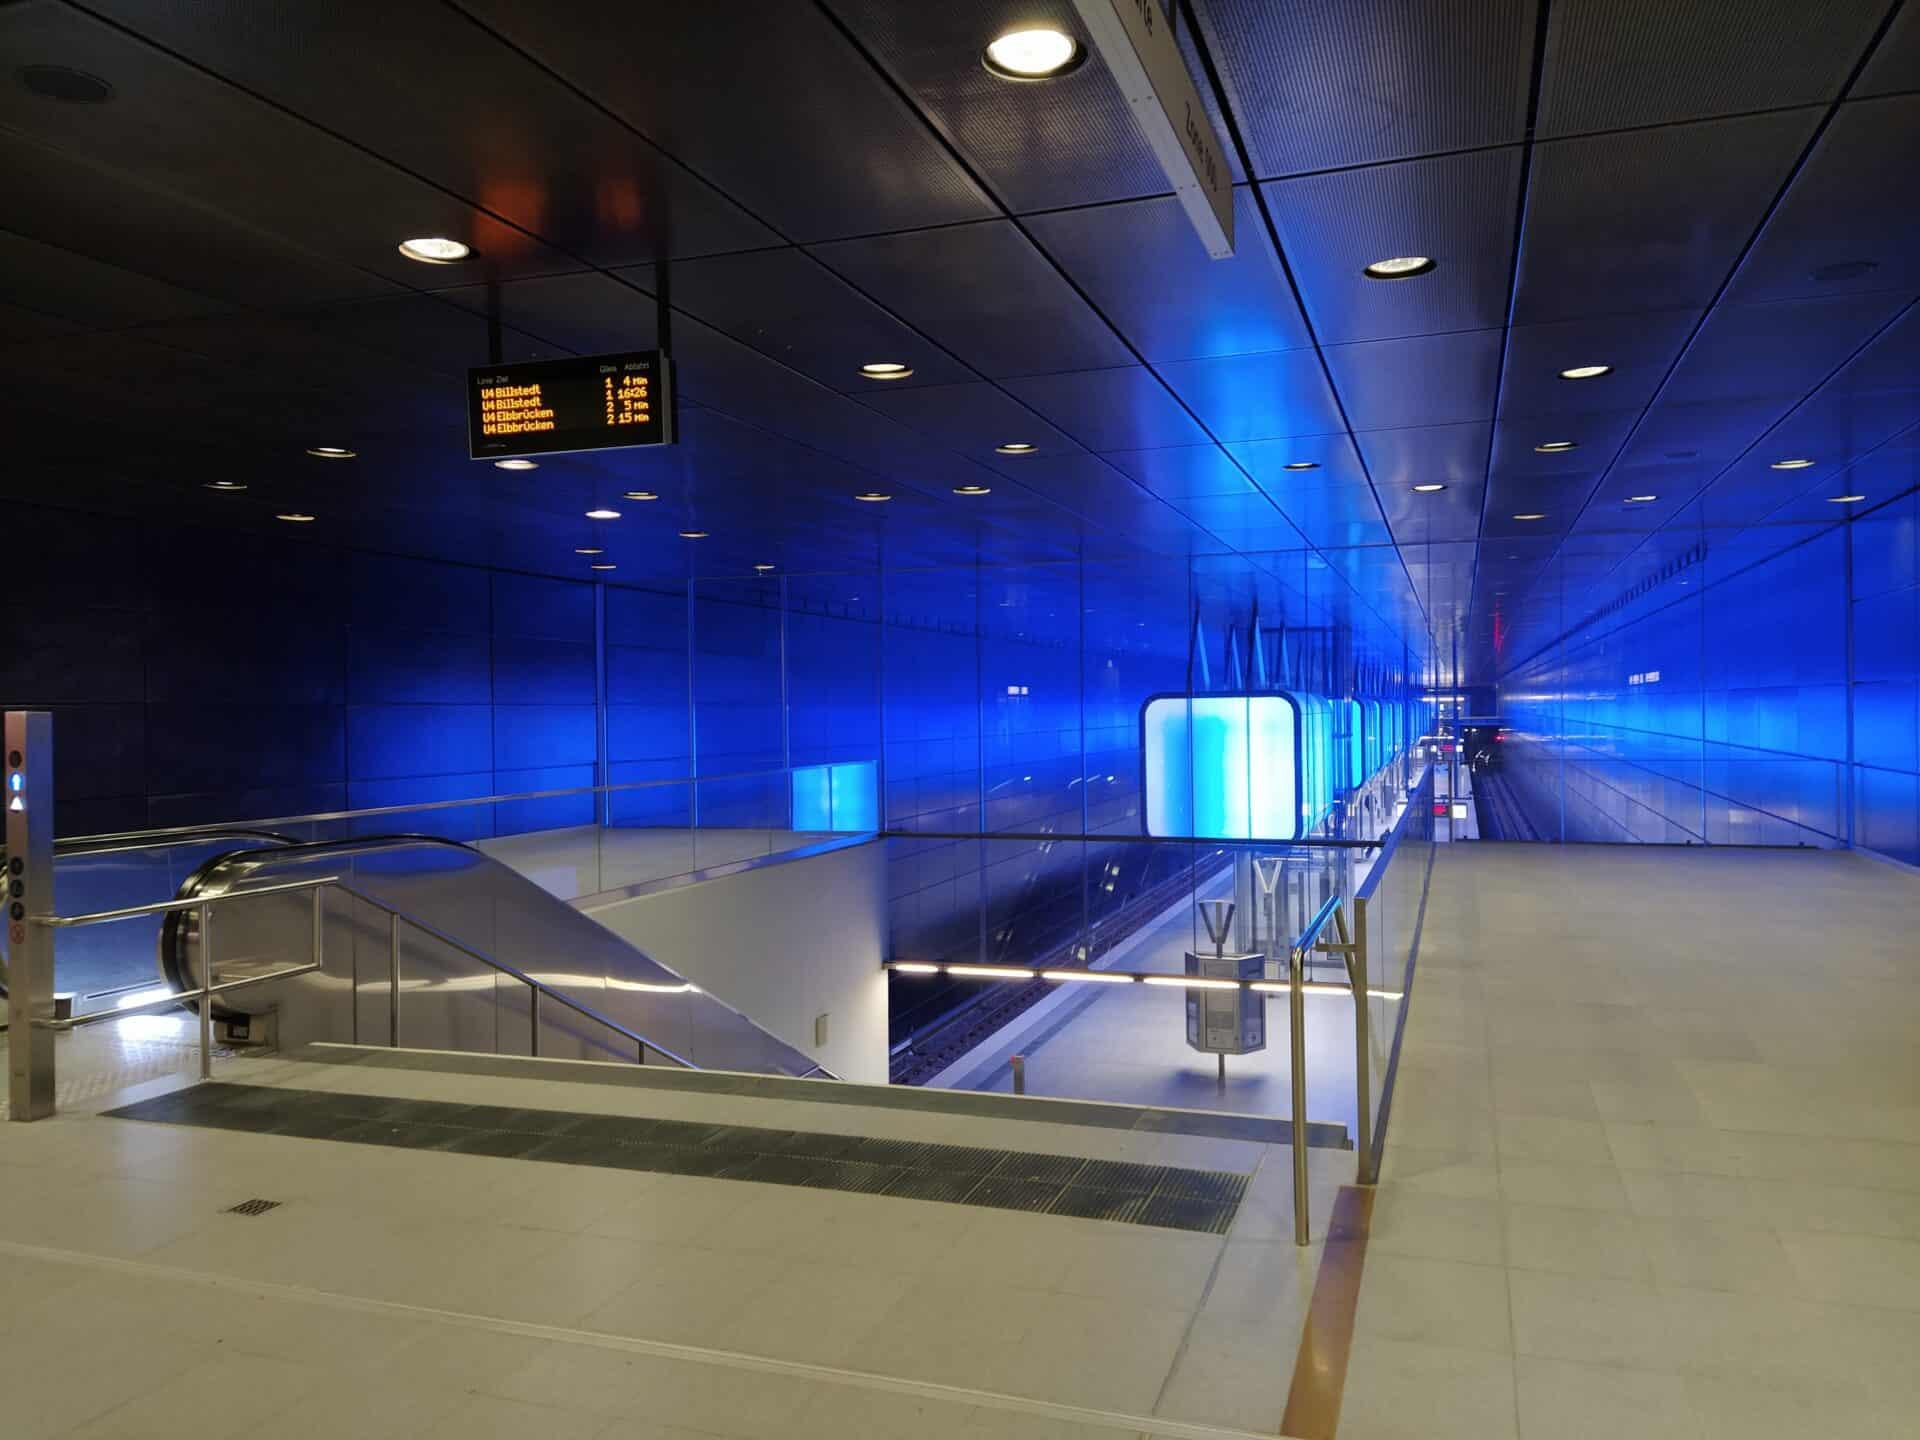 U-Bahn Überseequartier - Foto: Matthias Vollmer